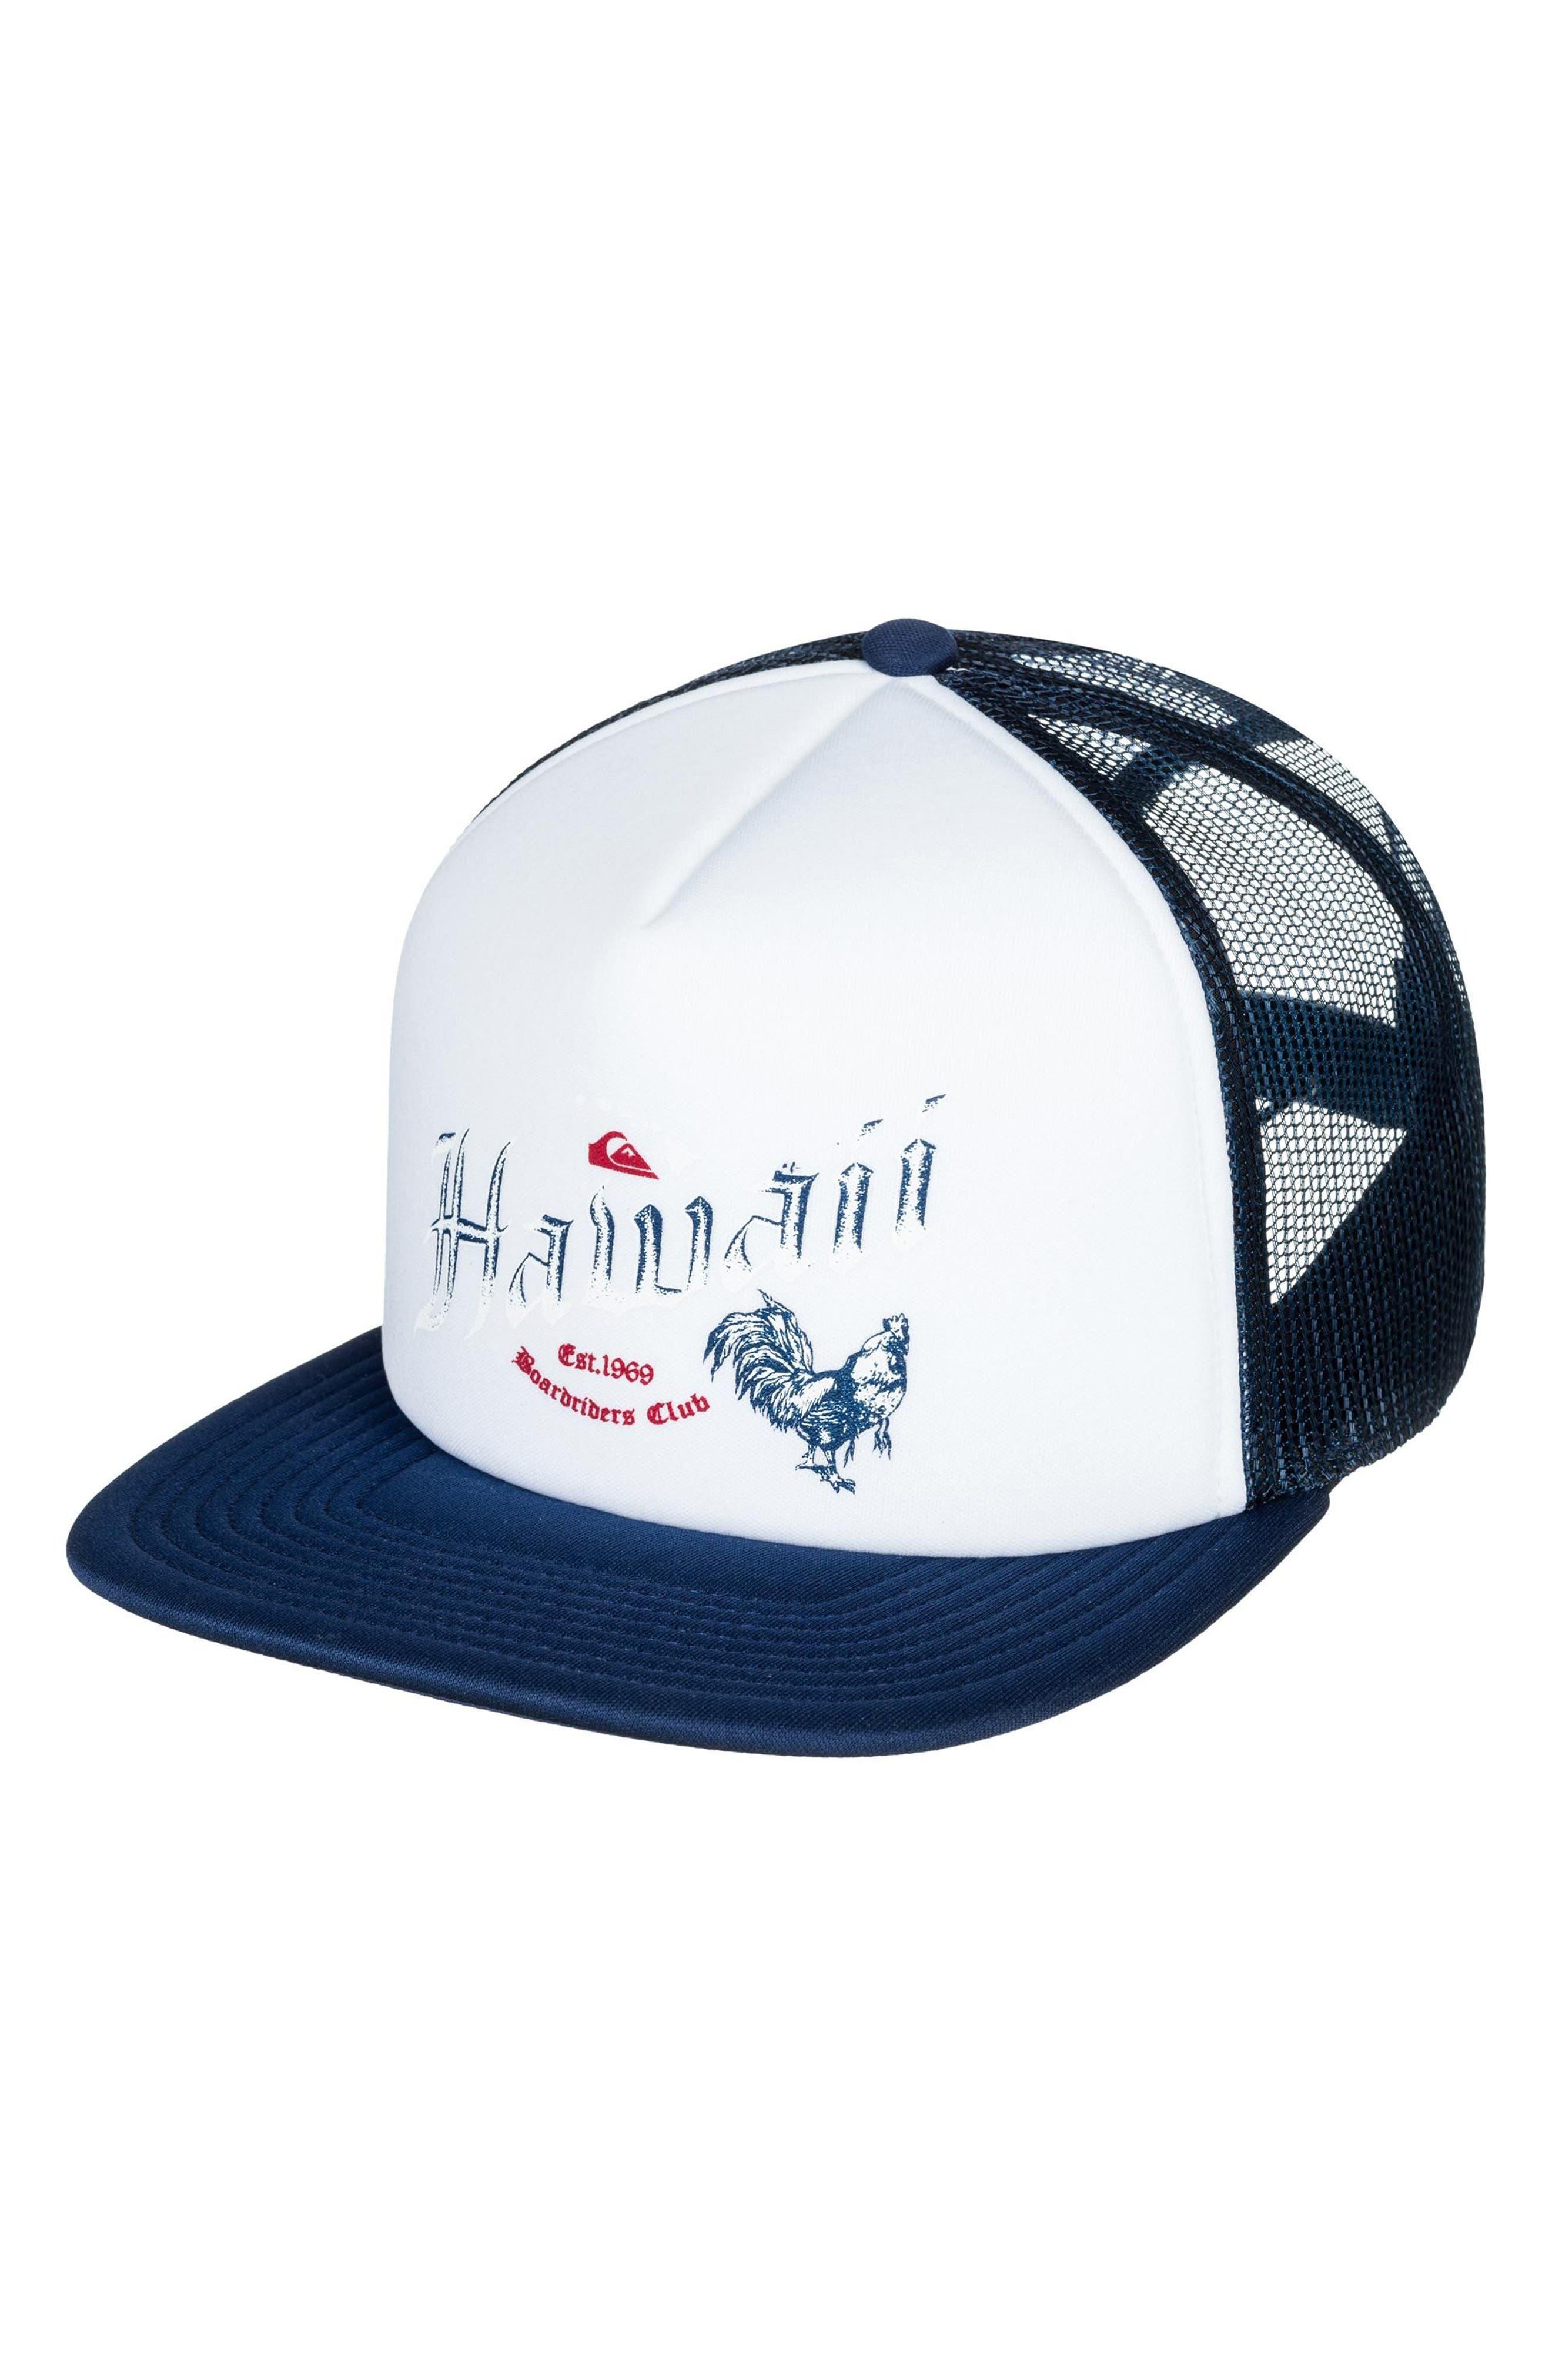 Quiksilver Rooster Graphic Trucker Hat